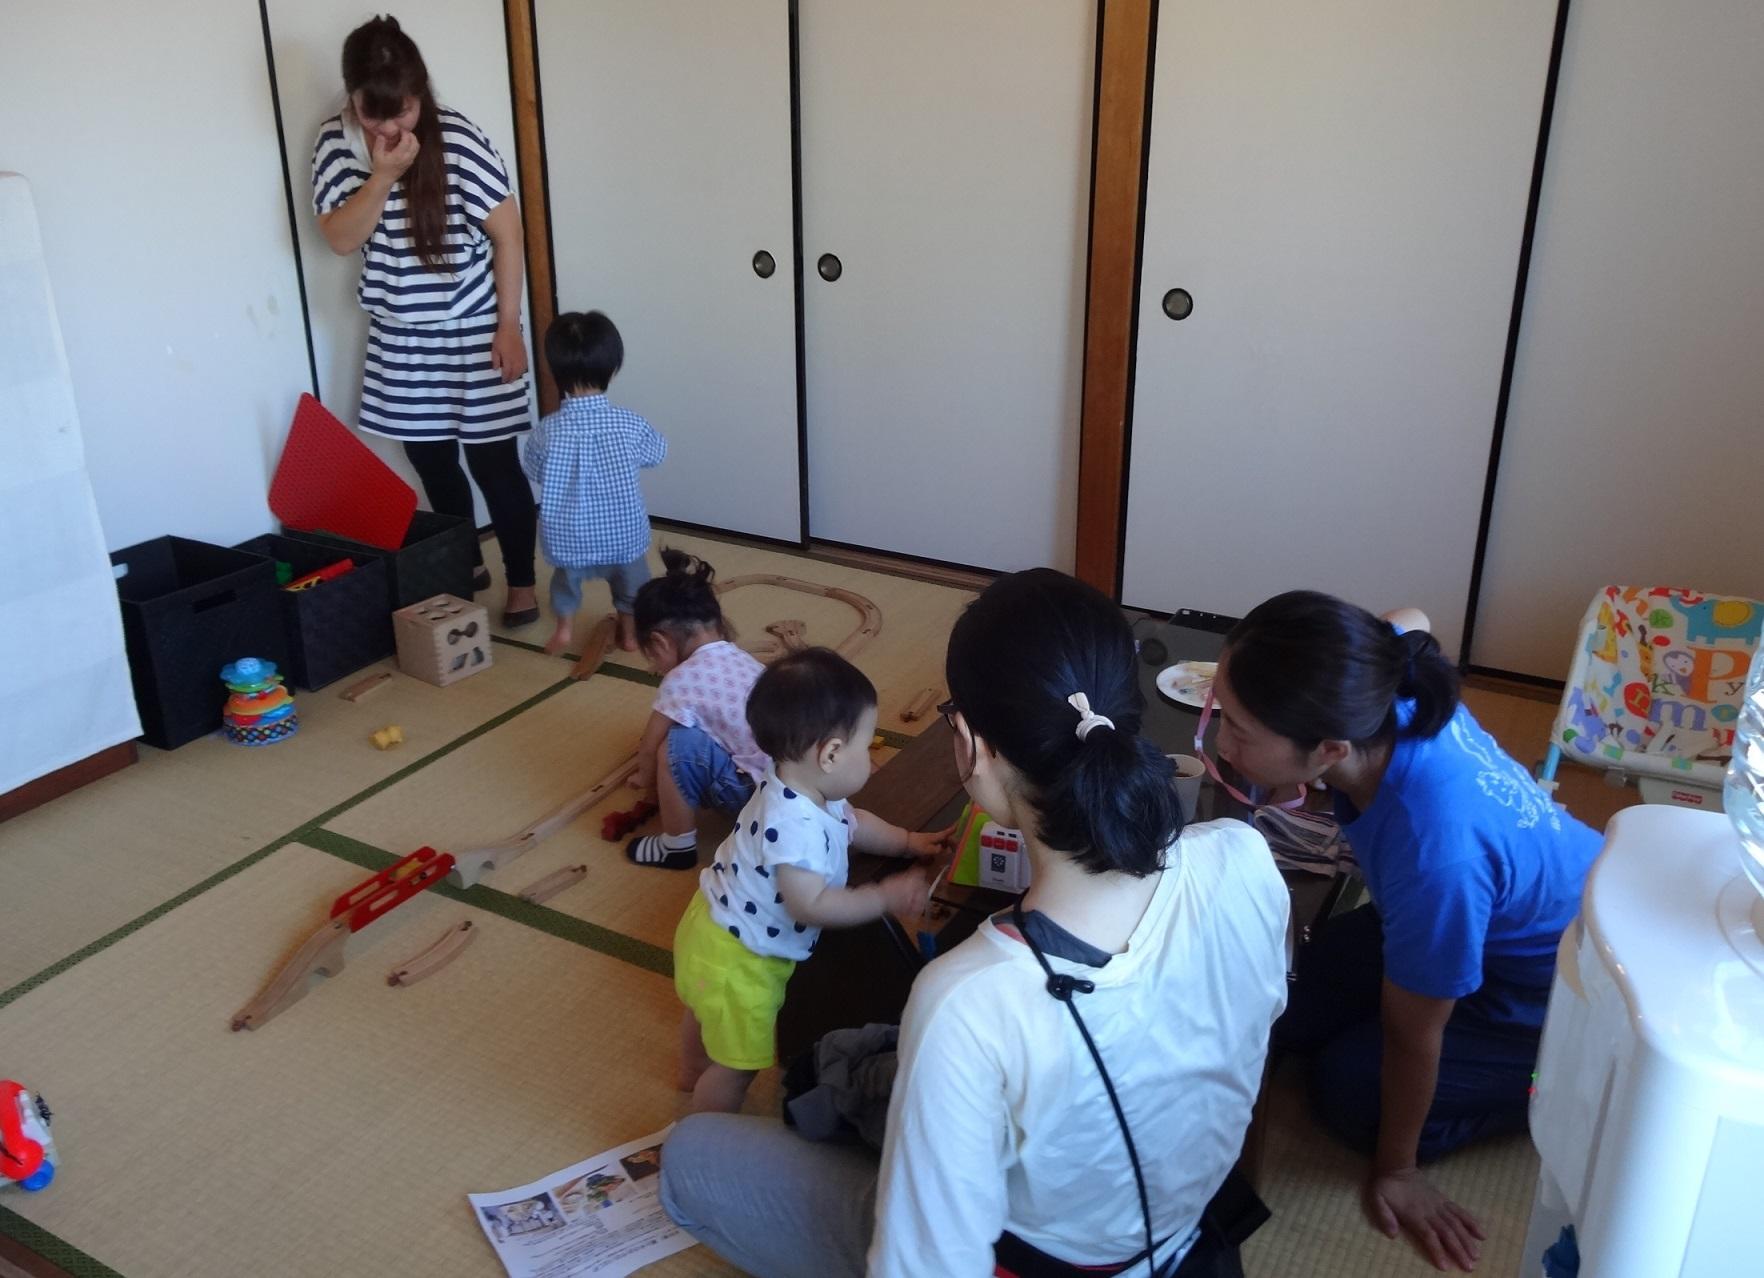 和室で子どもたちものびのび